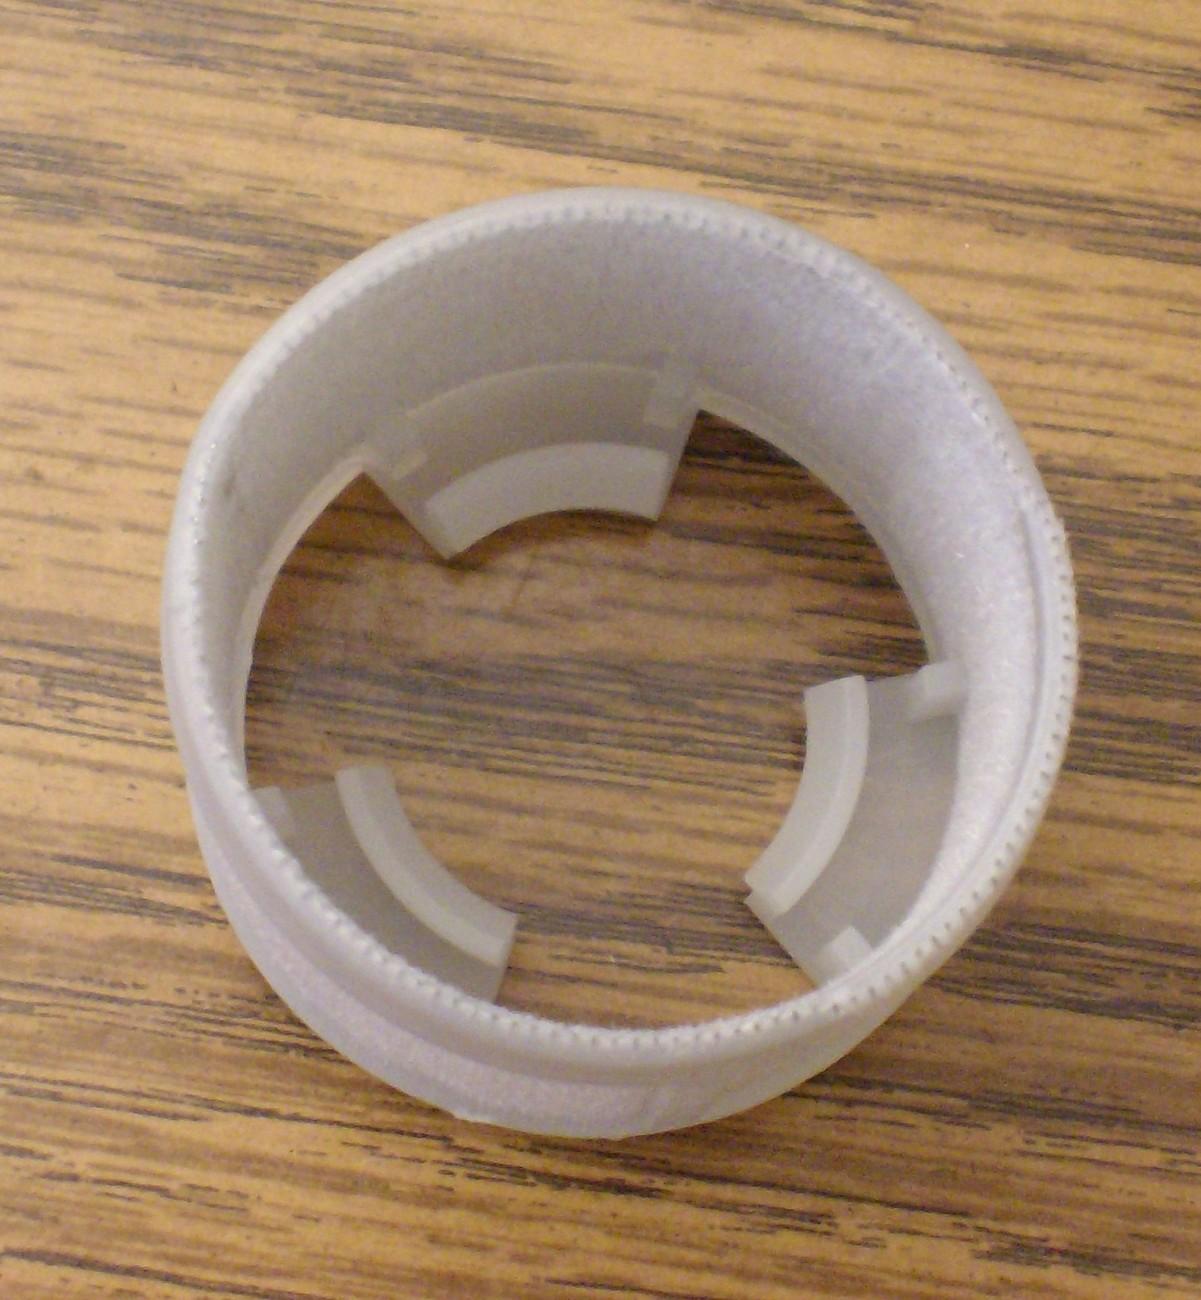 Air Filter fits Stihl TS460, TS510, TS760 cut off saw 4221 140 1800, 42211401800